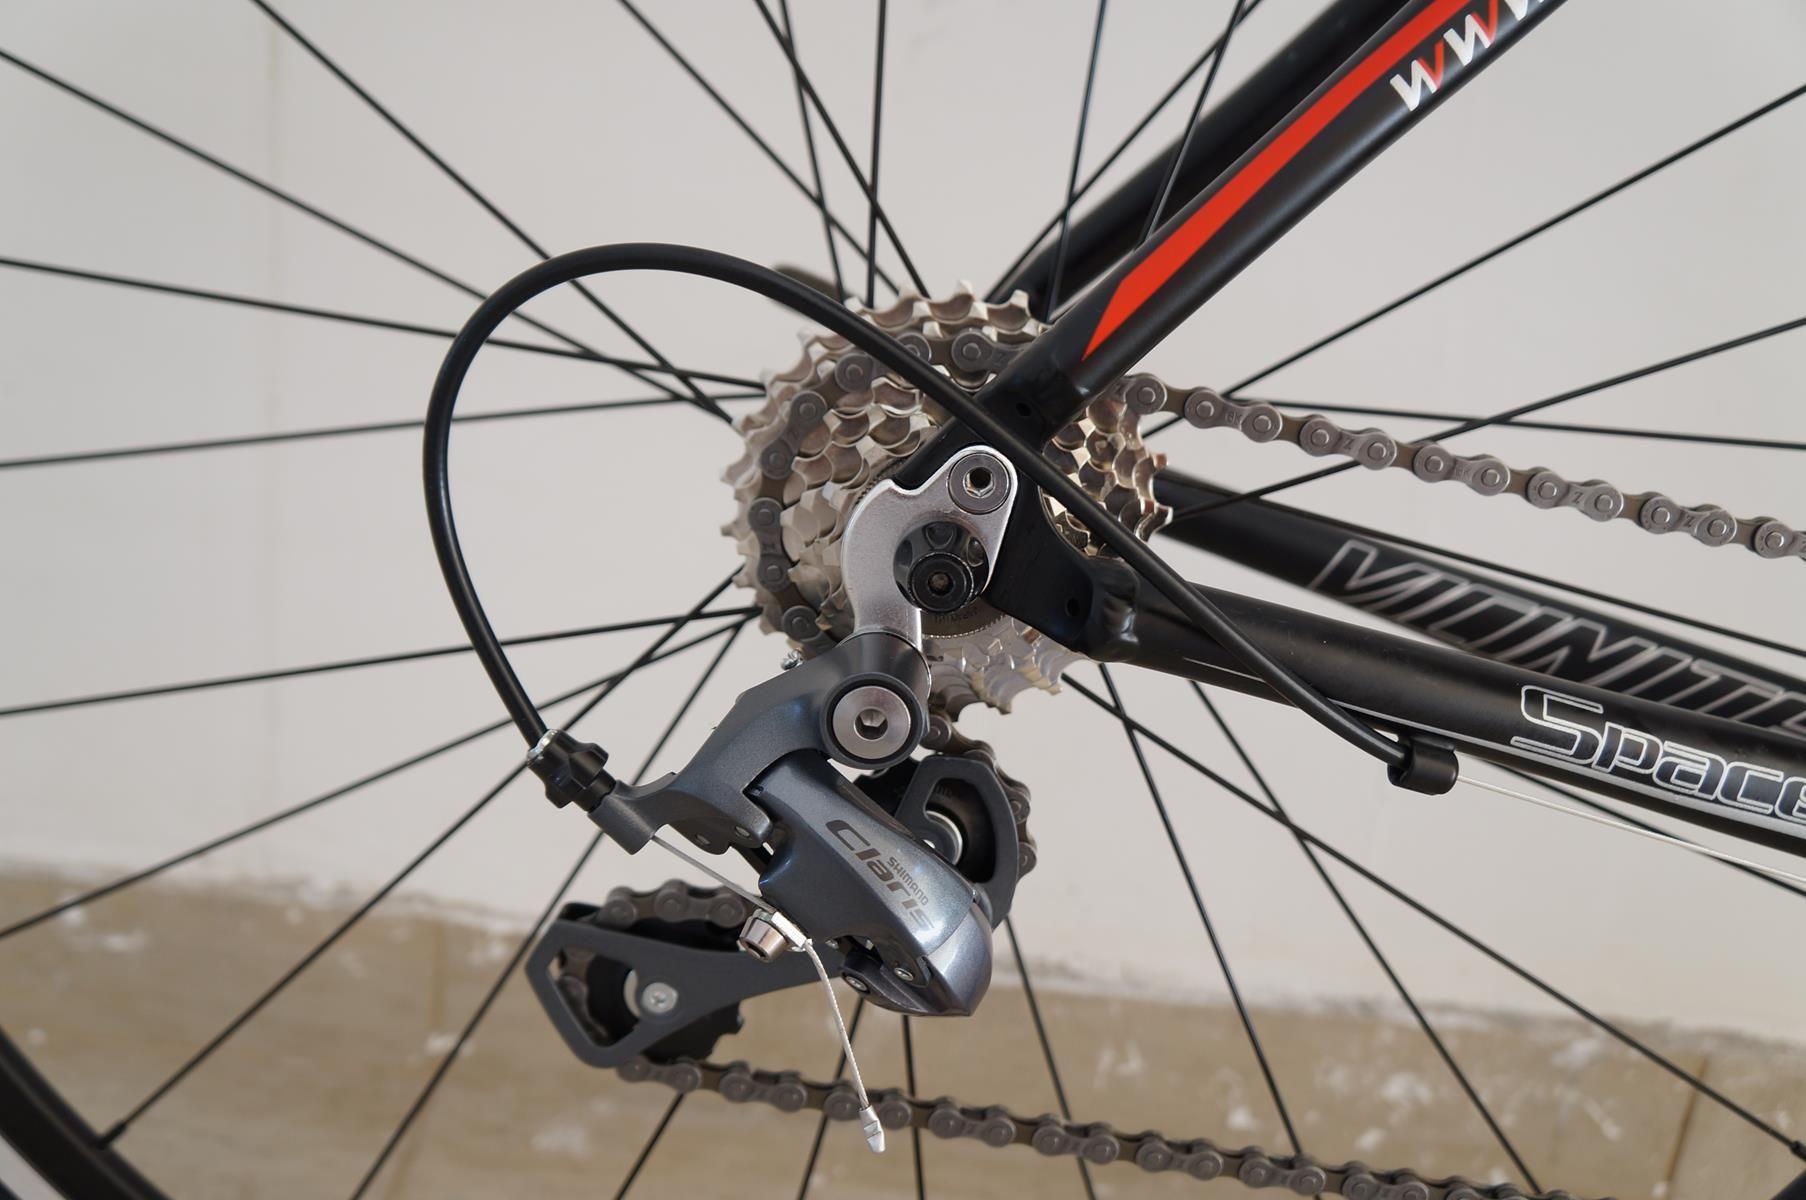 Bicicleta Speed Vicinitech Space II Pro Alumínio 2018 Preta Fosco com vermelho